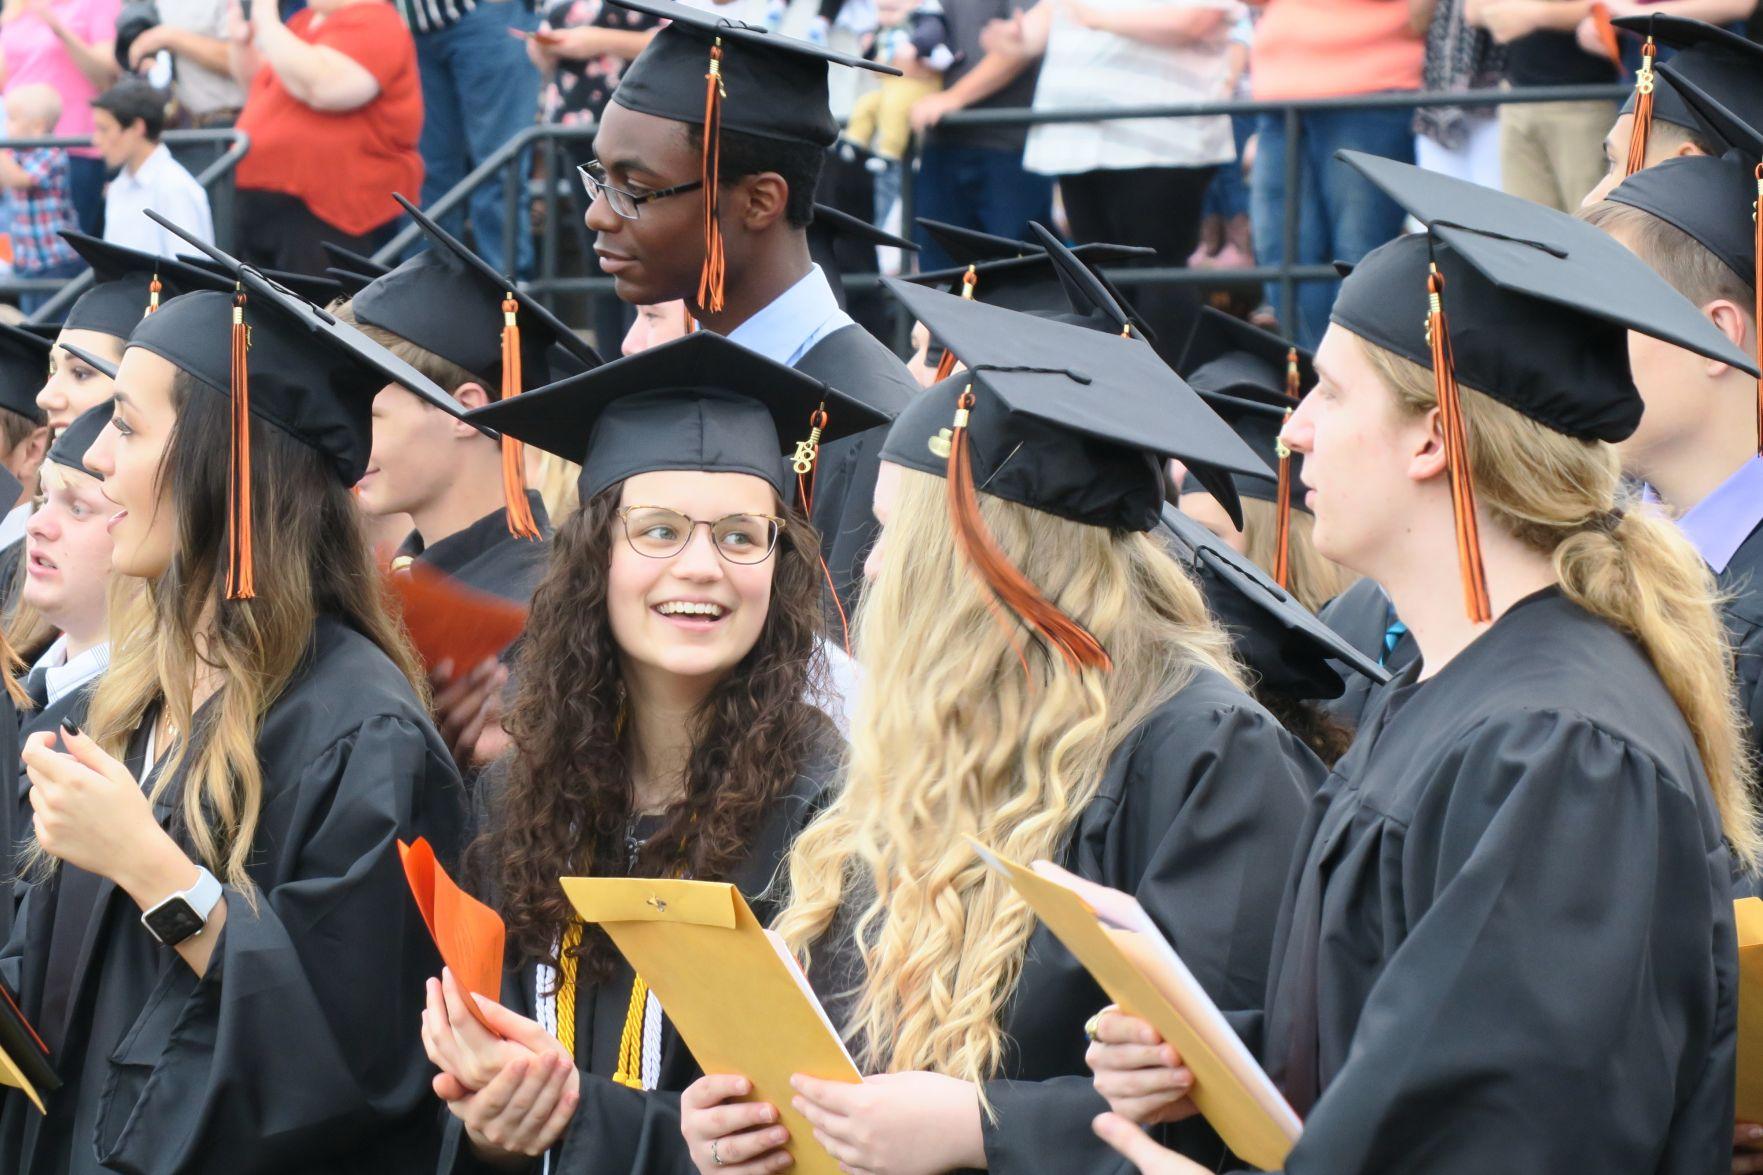 GALLERY: Ashland High School graduation